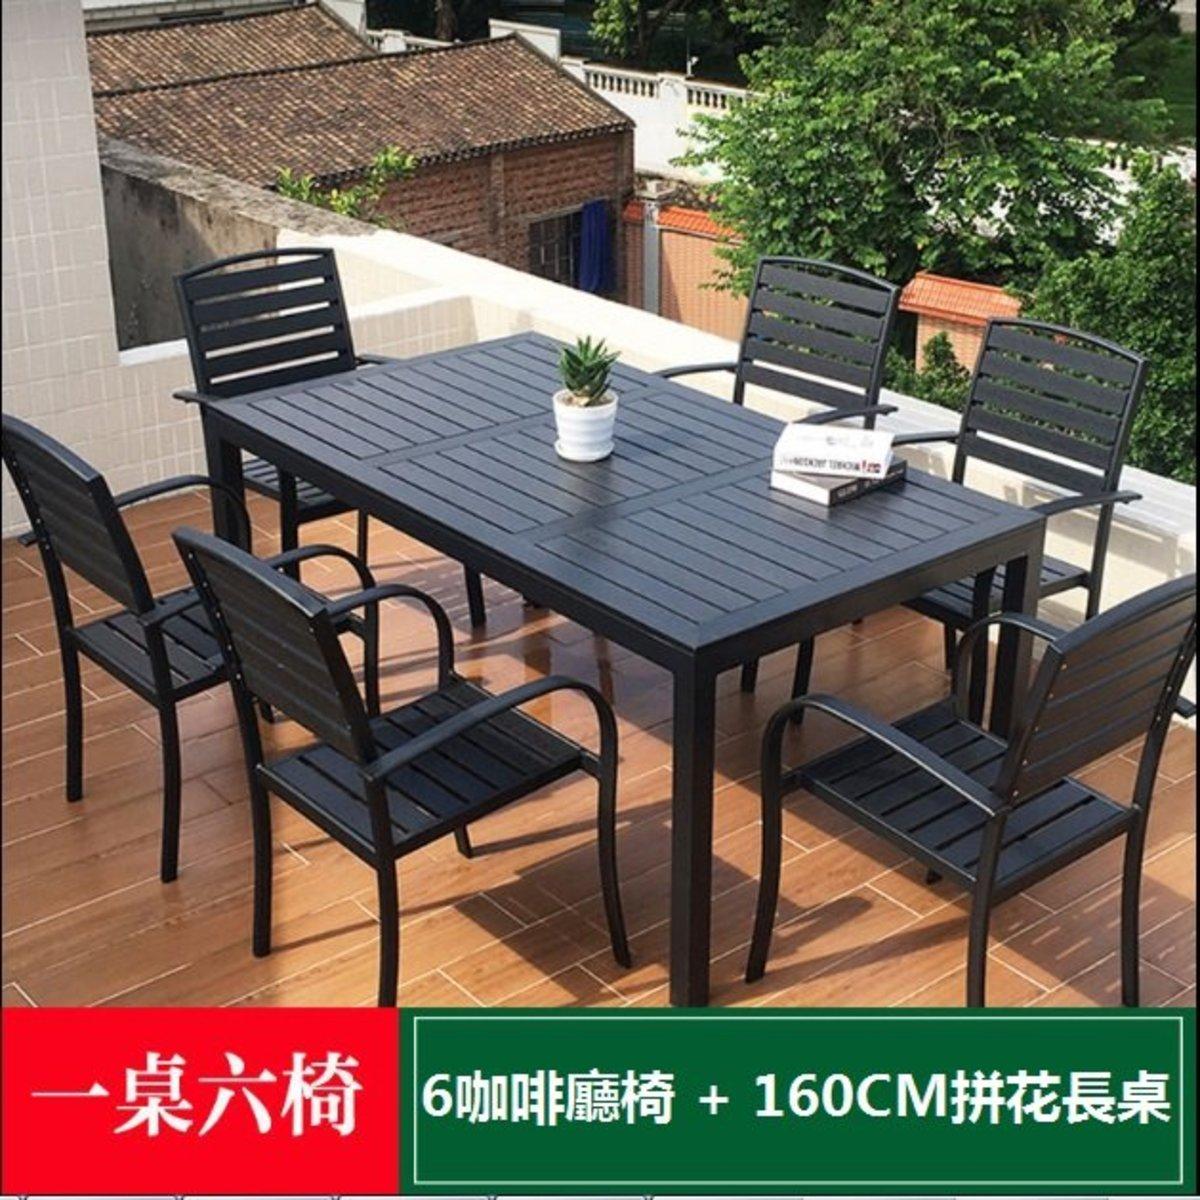 戶外塑木休閒桌椅(6咖啡廳椅+160CM拼花長桌)